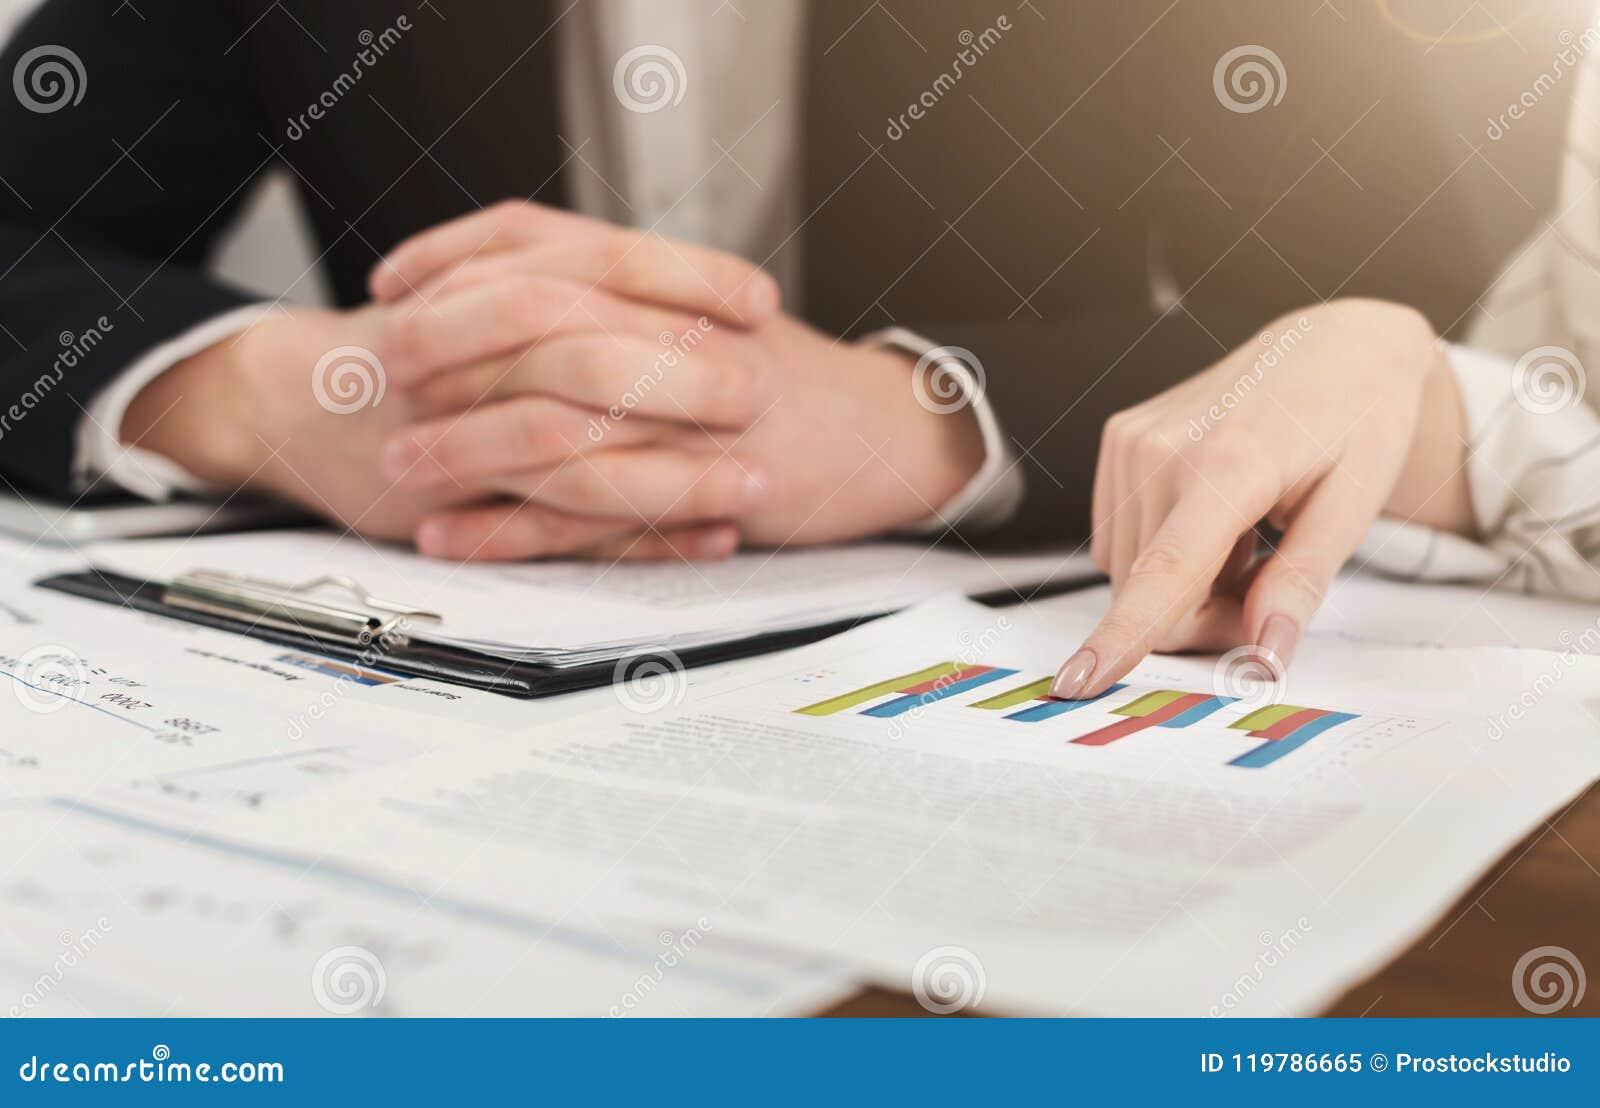 Investeringkonsulenter som diskuterar företagsjämvikt